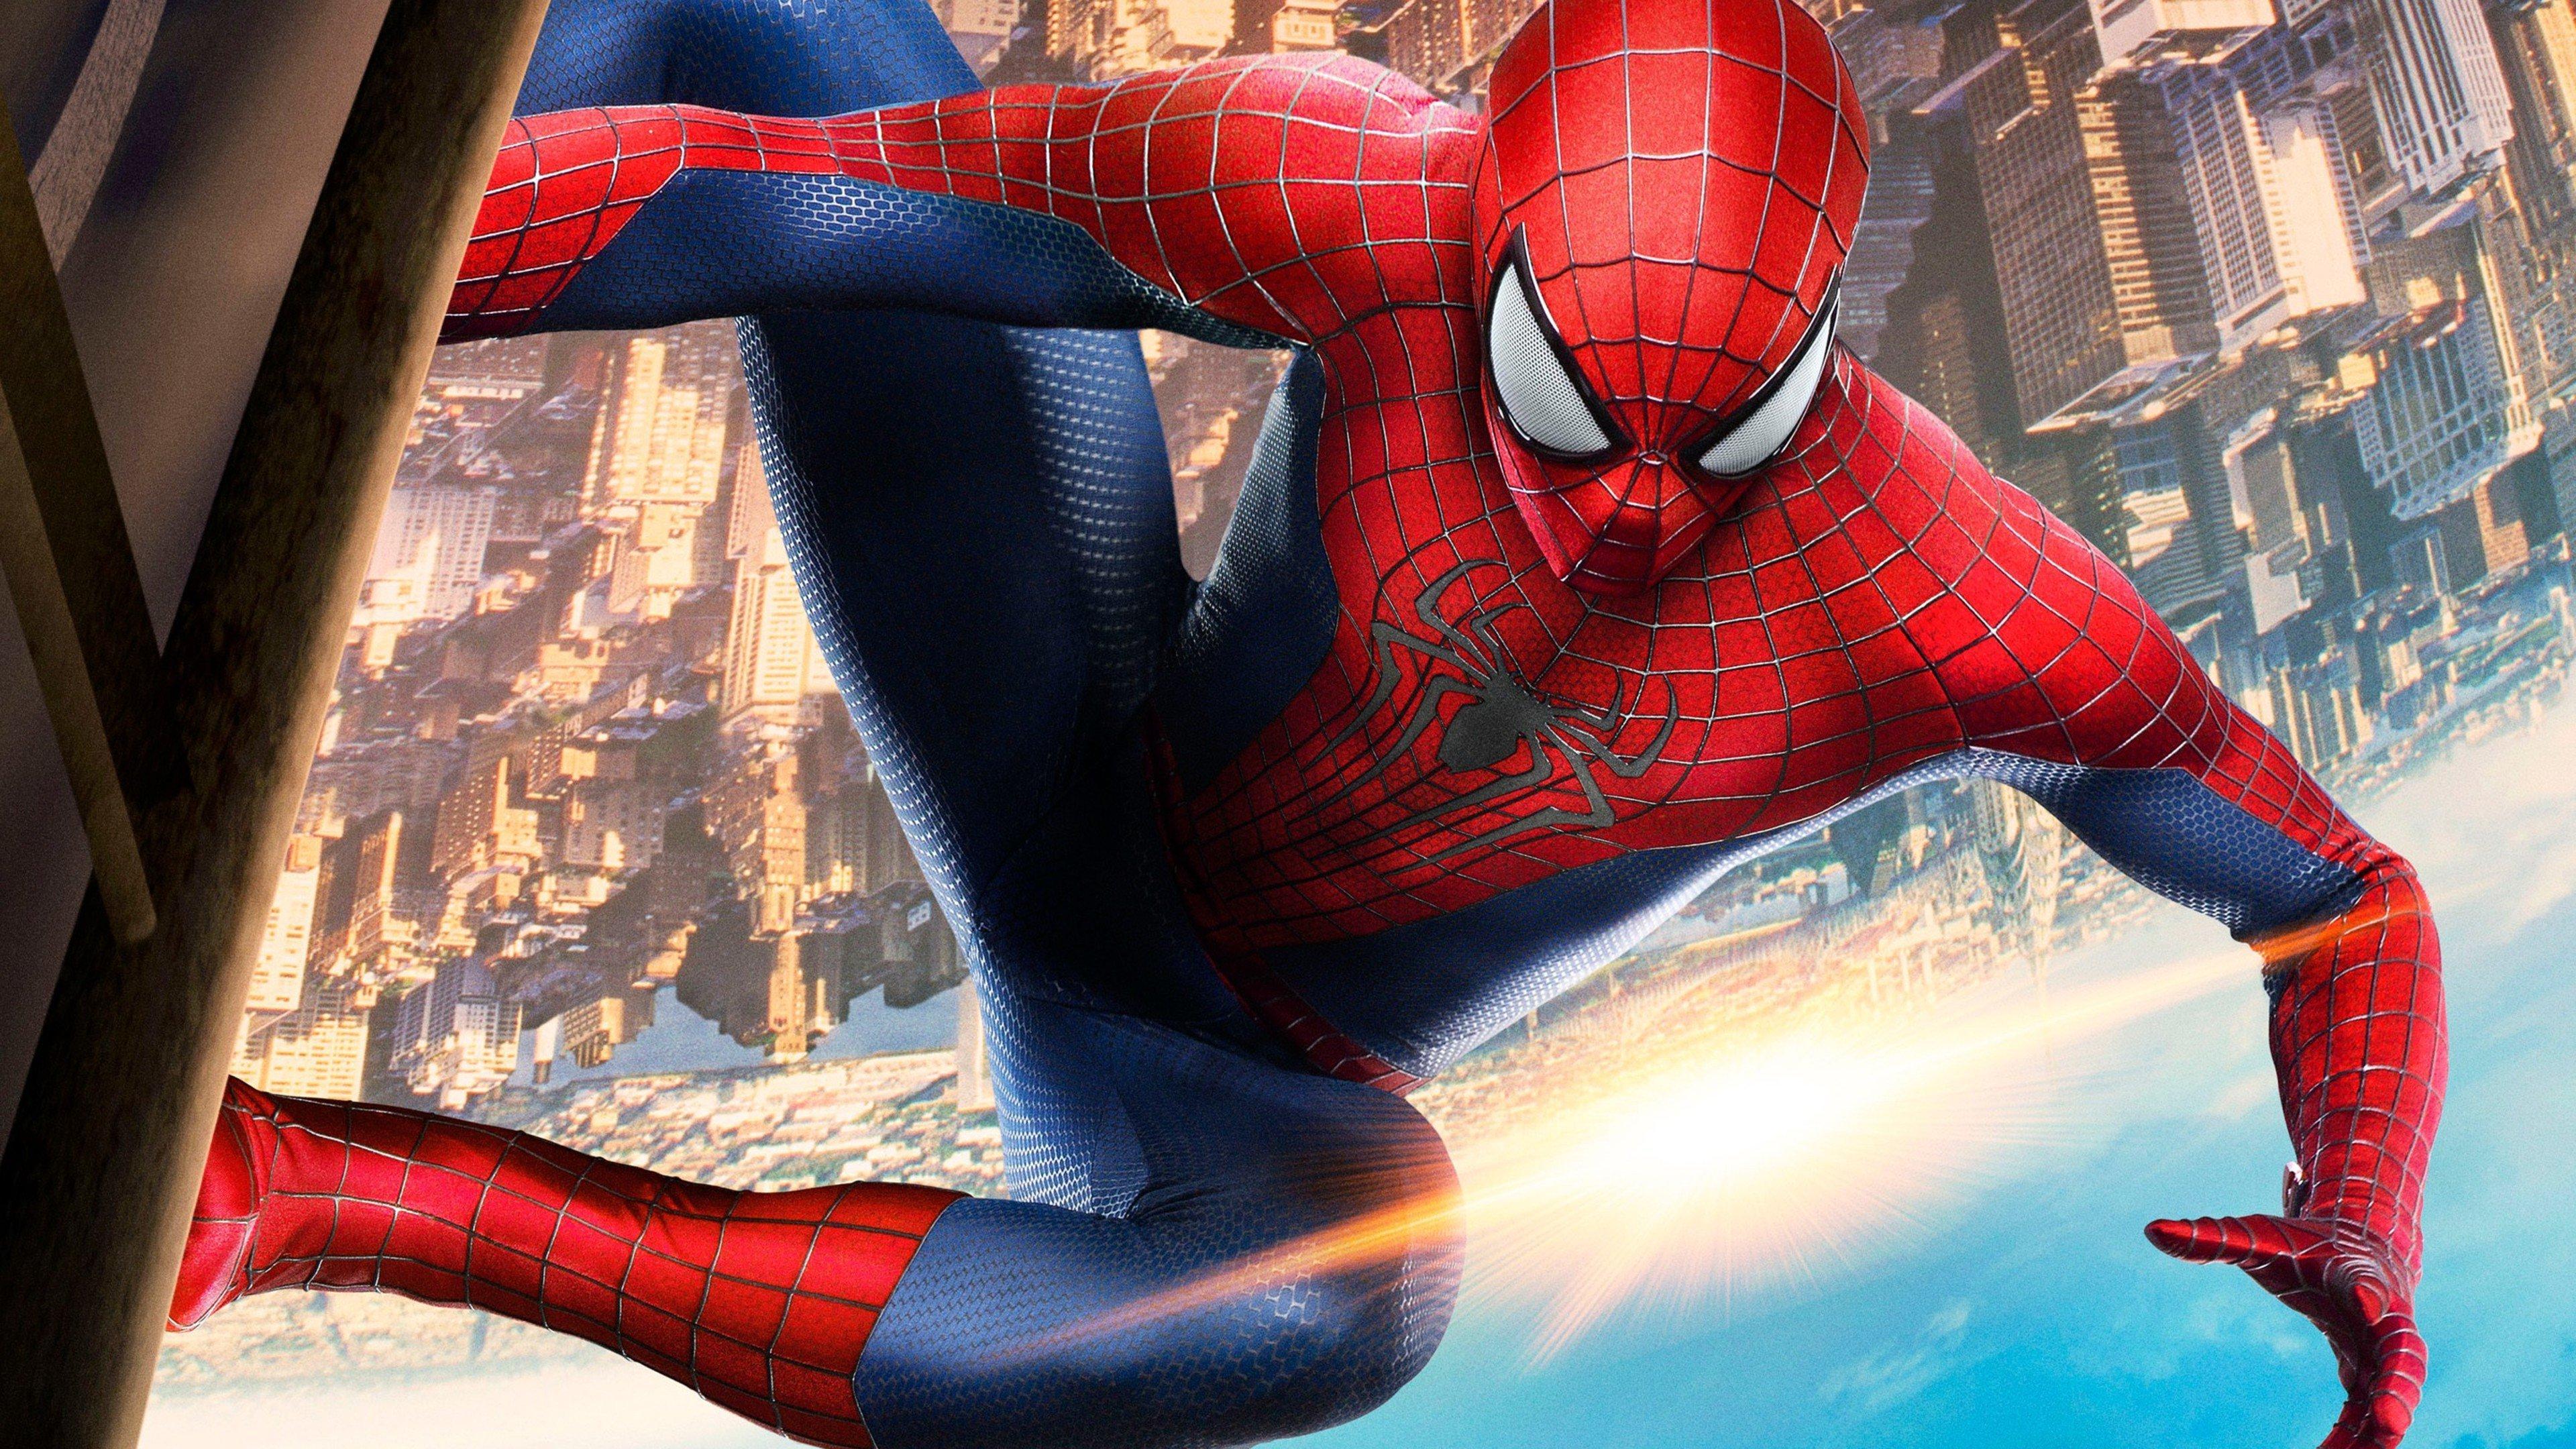 Spider Man Photos